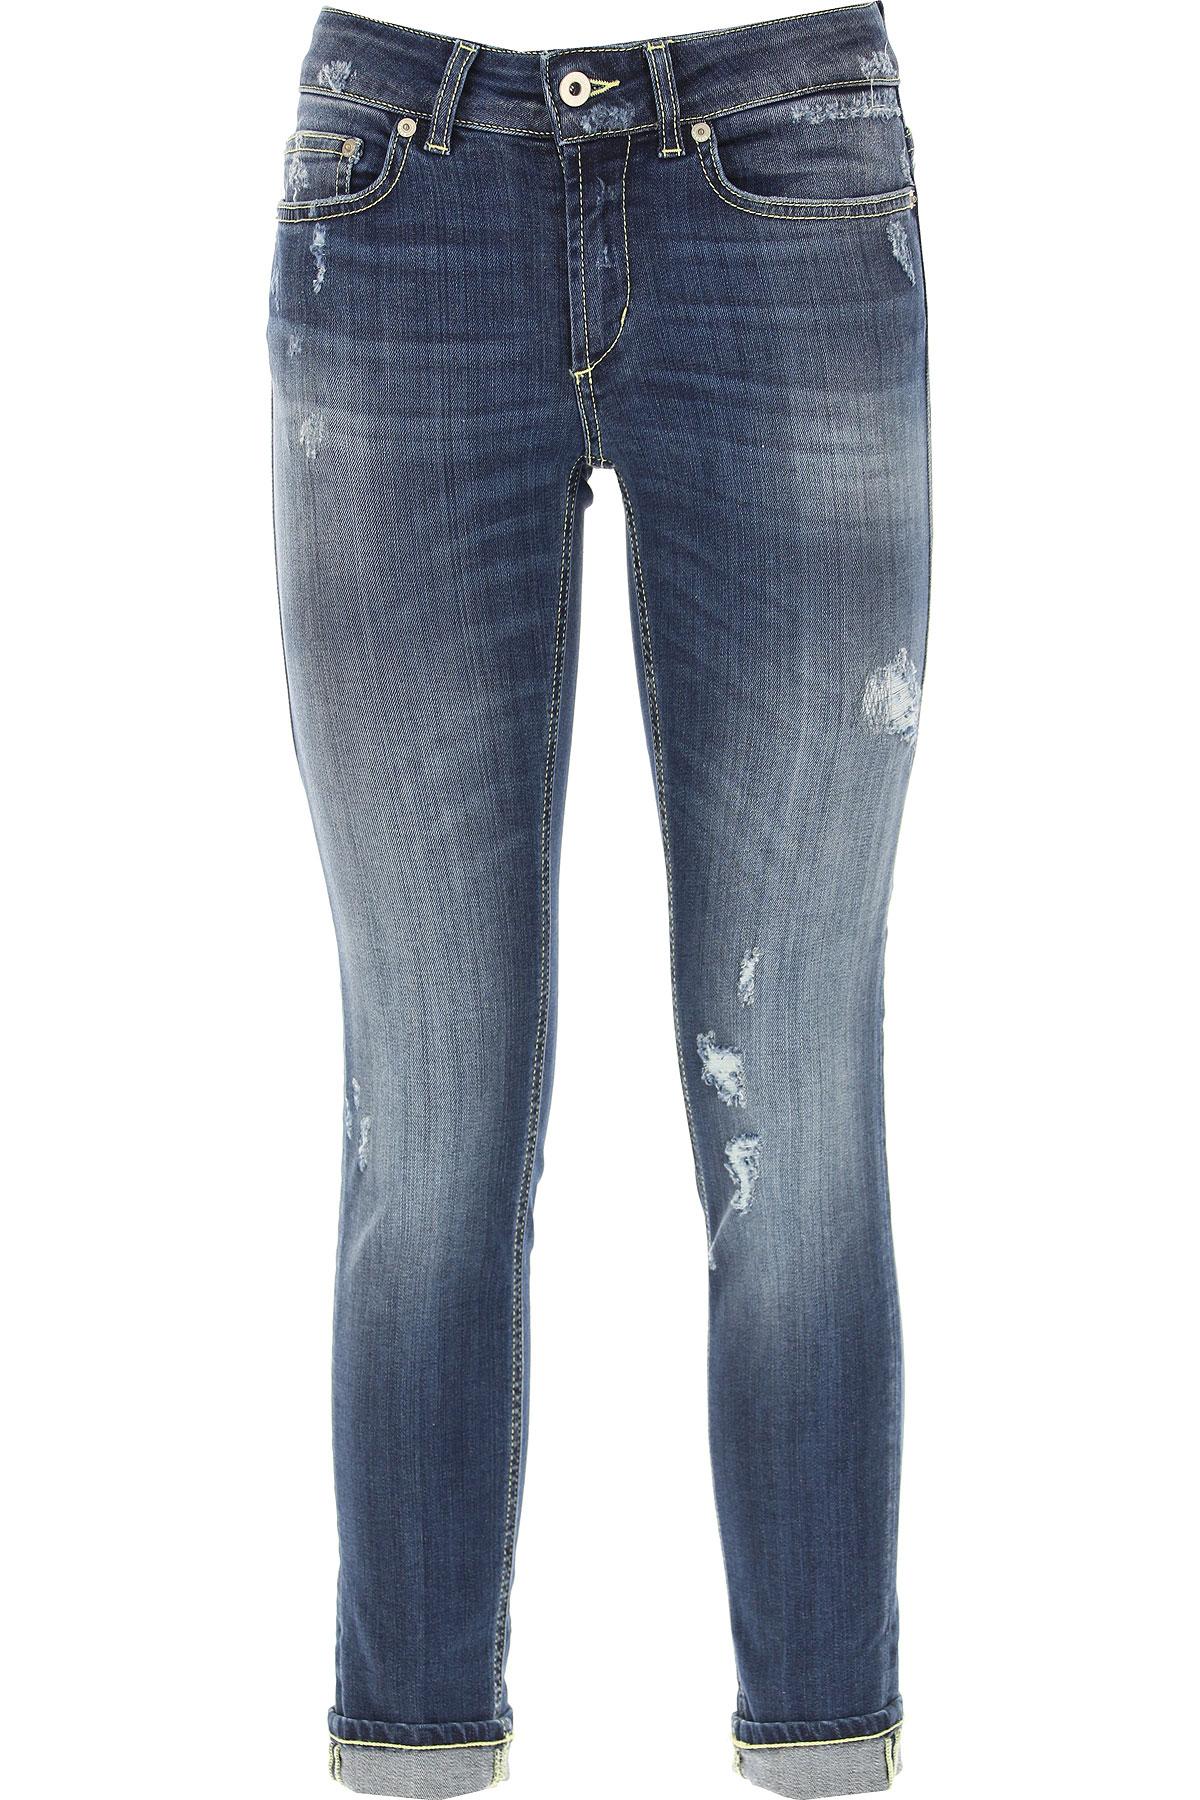 Dondup Jeans On Sale, Blue Denim, Cotton, 2017, 25 26 27 28 29 31